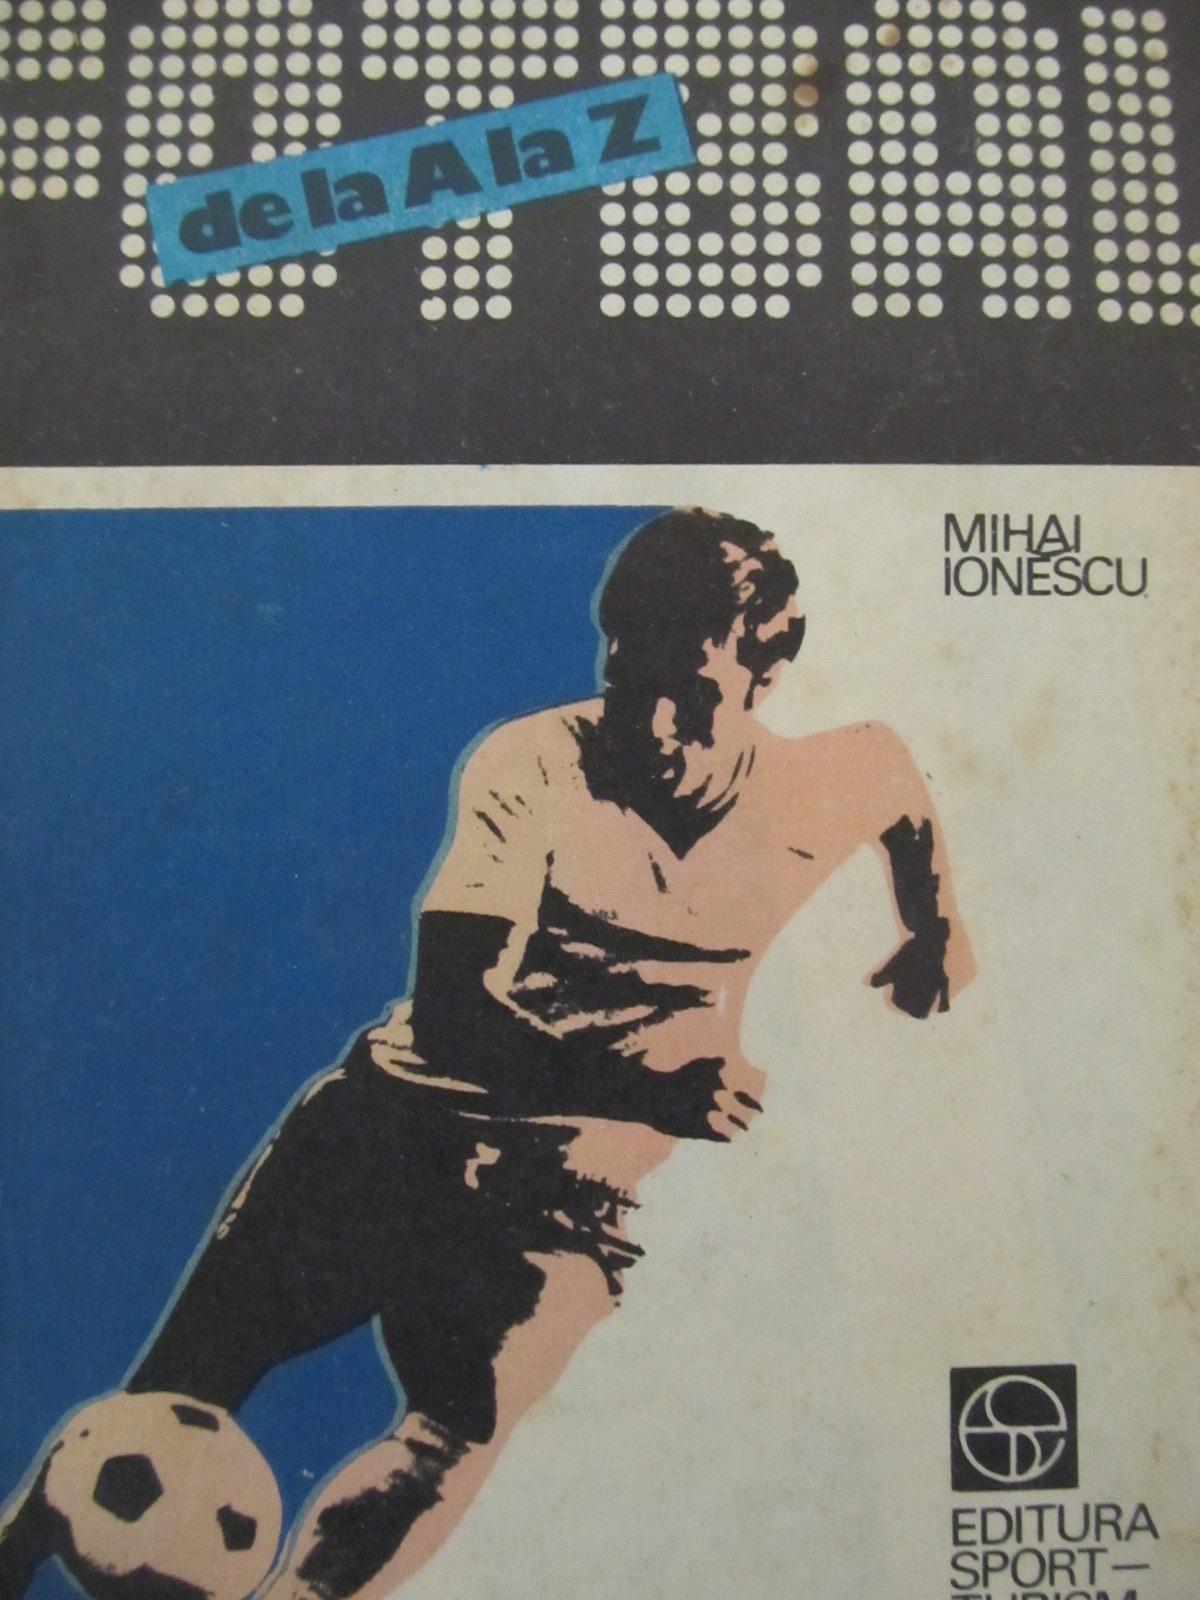 Fotbal de la A la Z - fotbalul mondial de-a lungul anilor [1] - Mihai Ionescu | Detalii carte